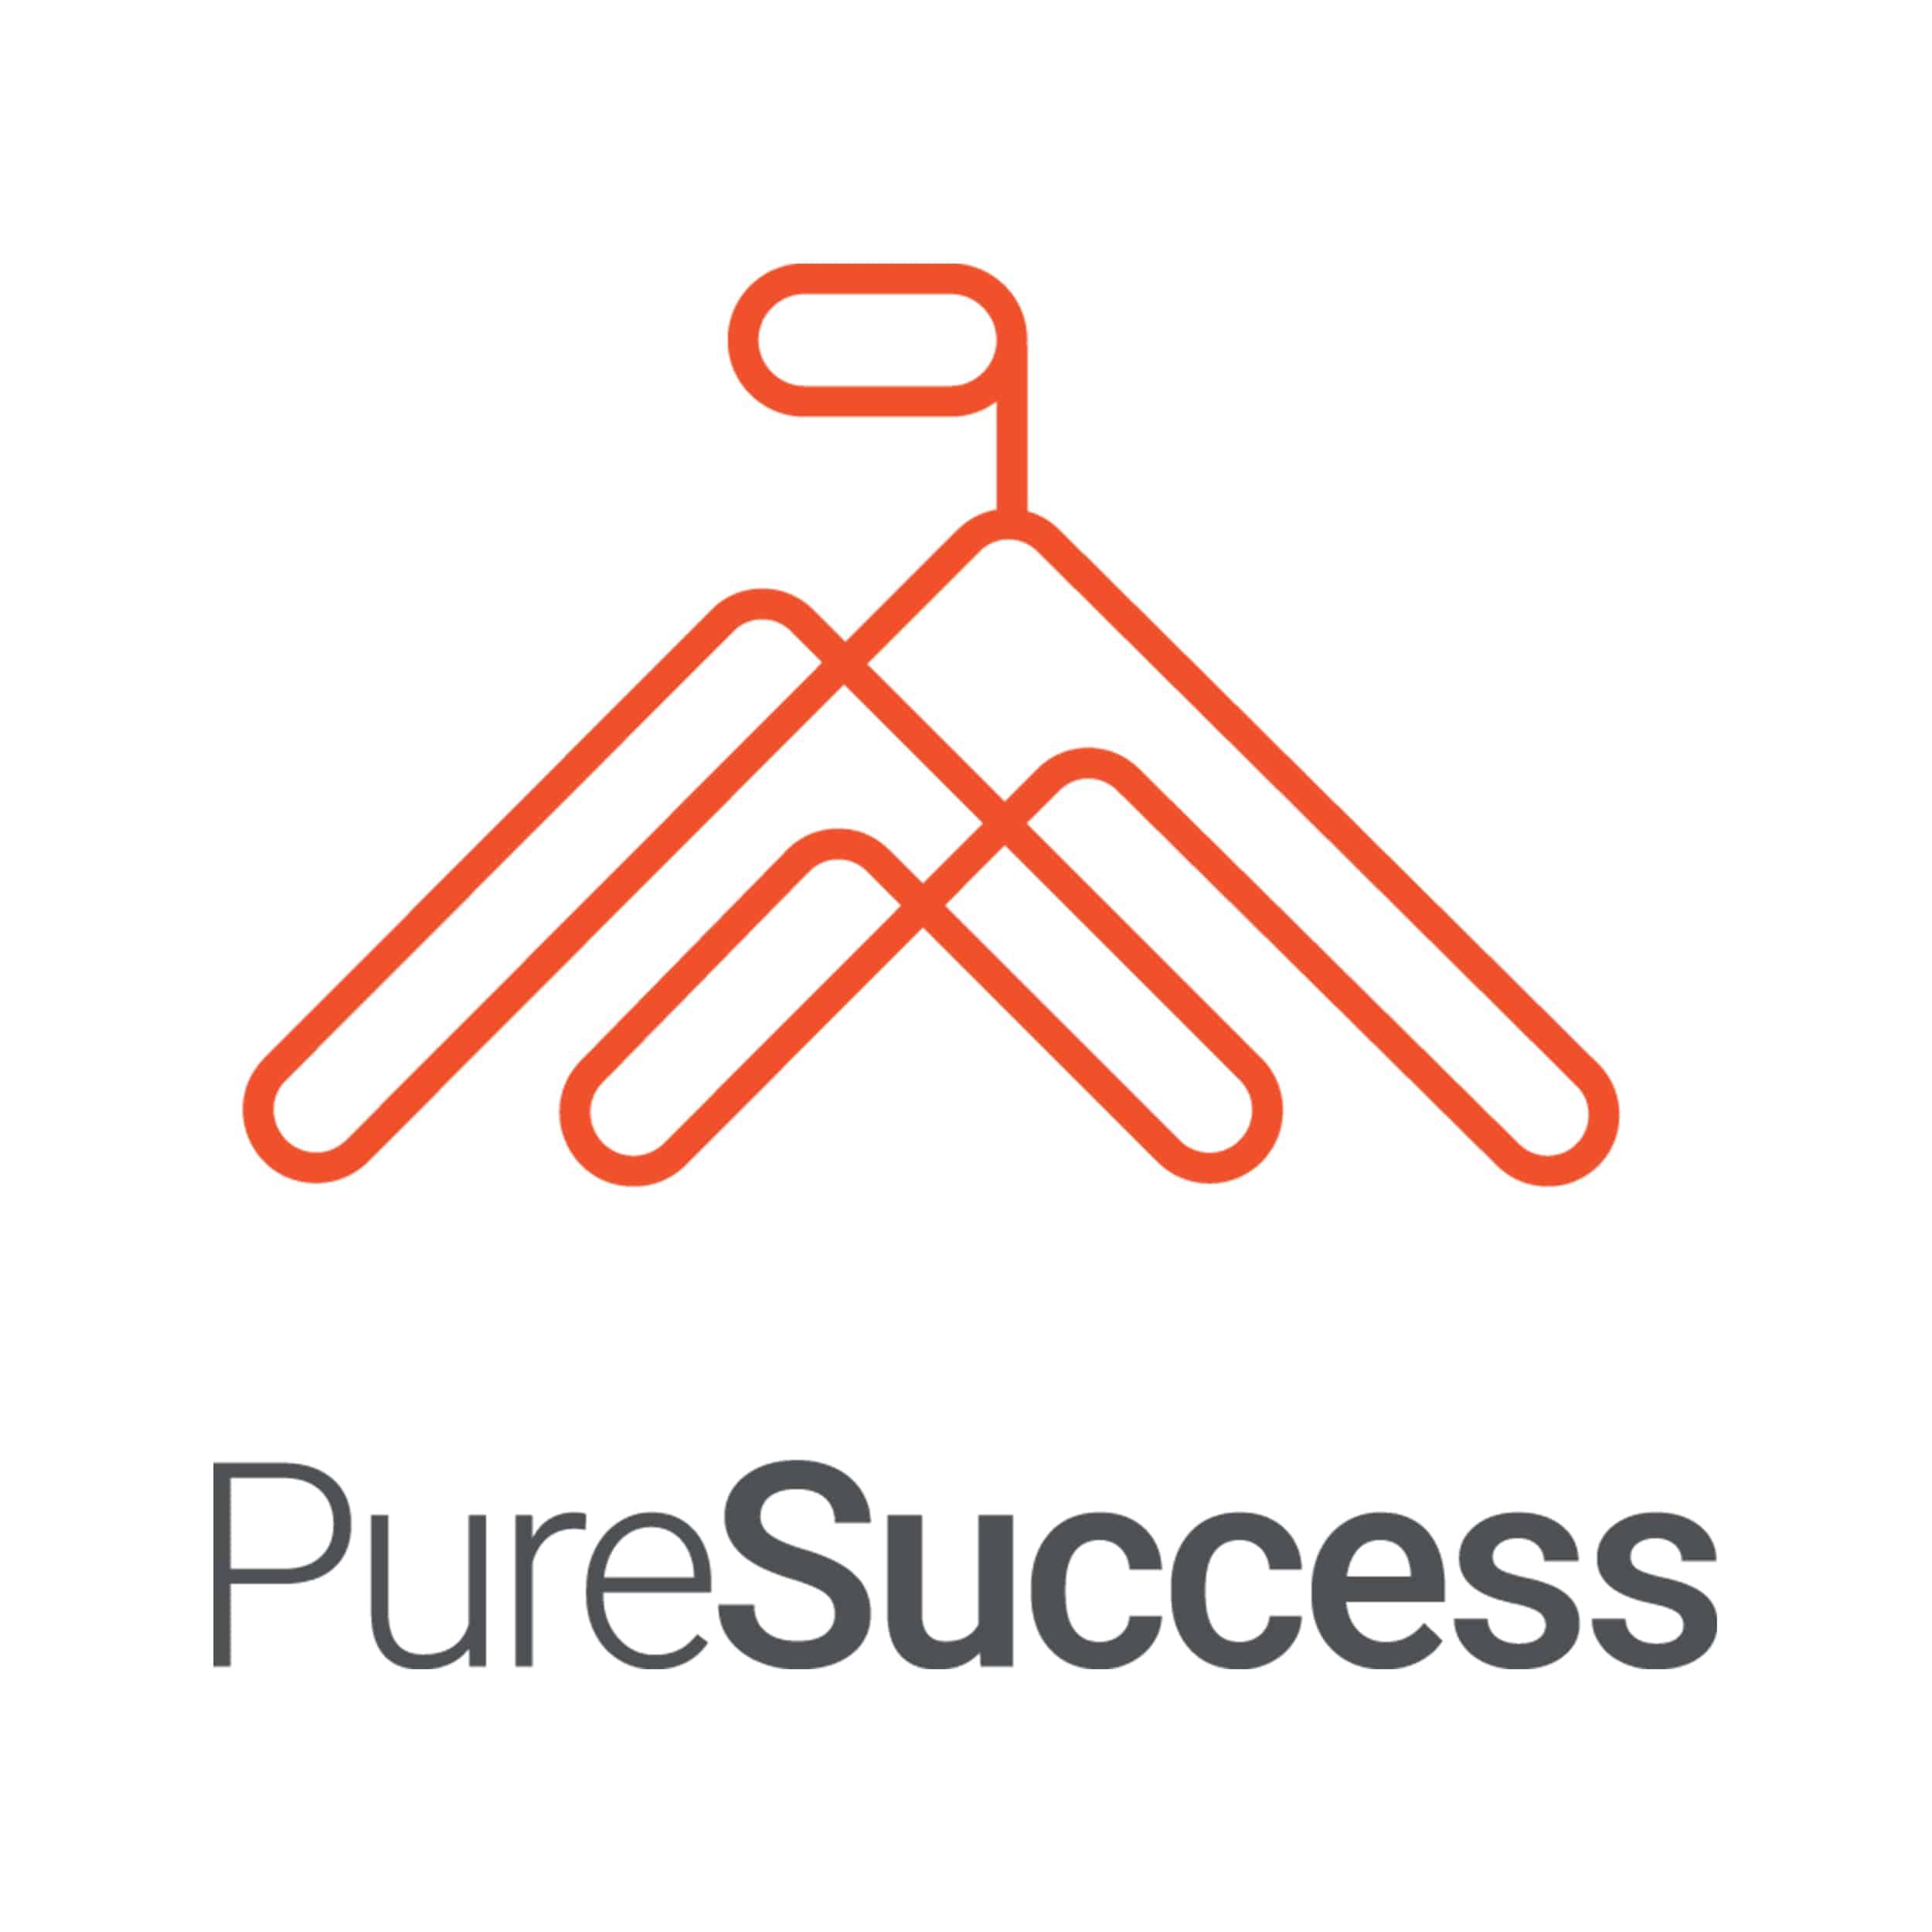 Puresuccess